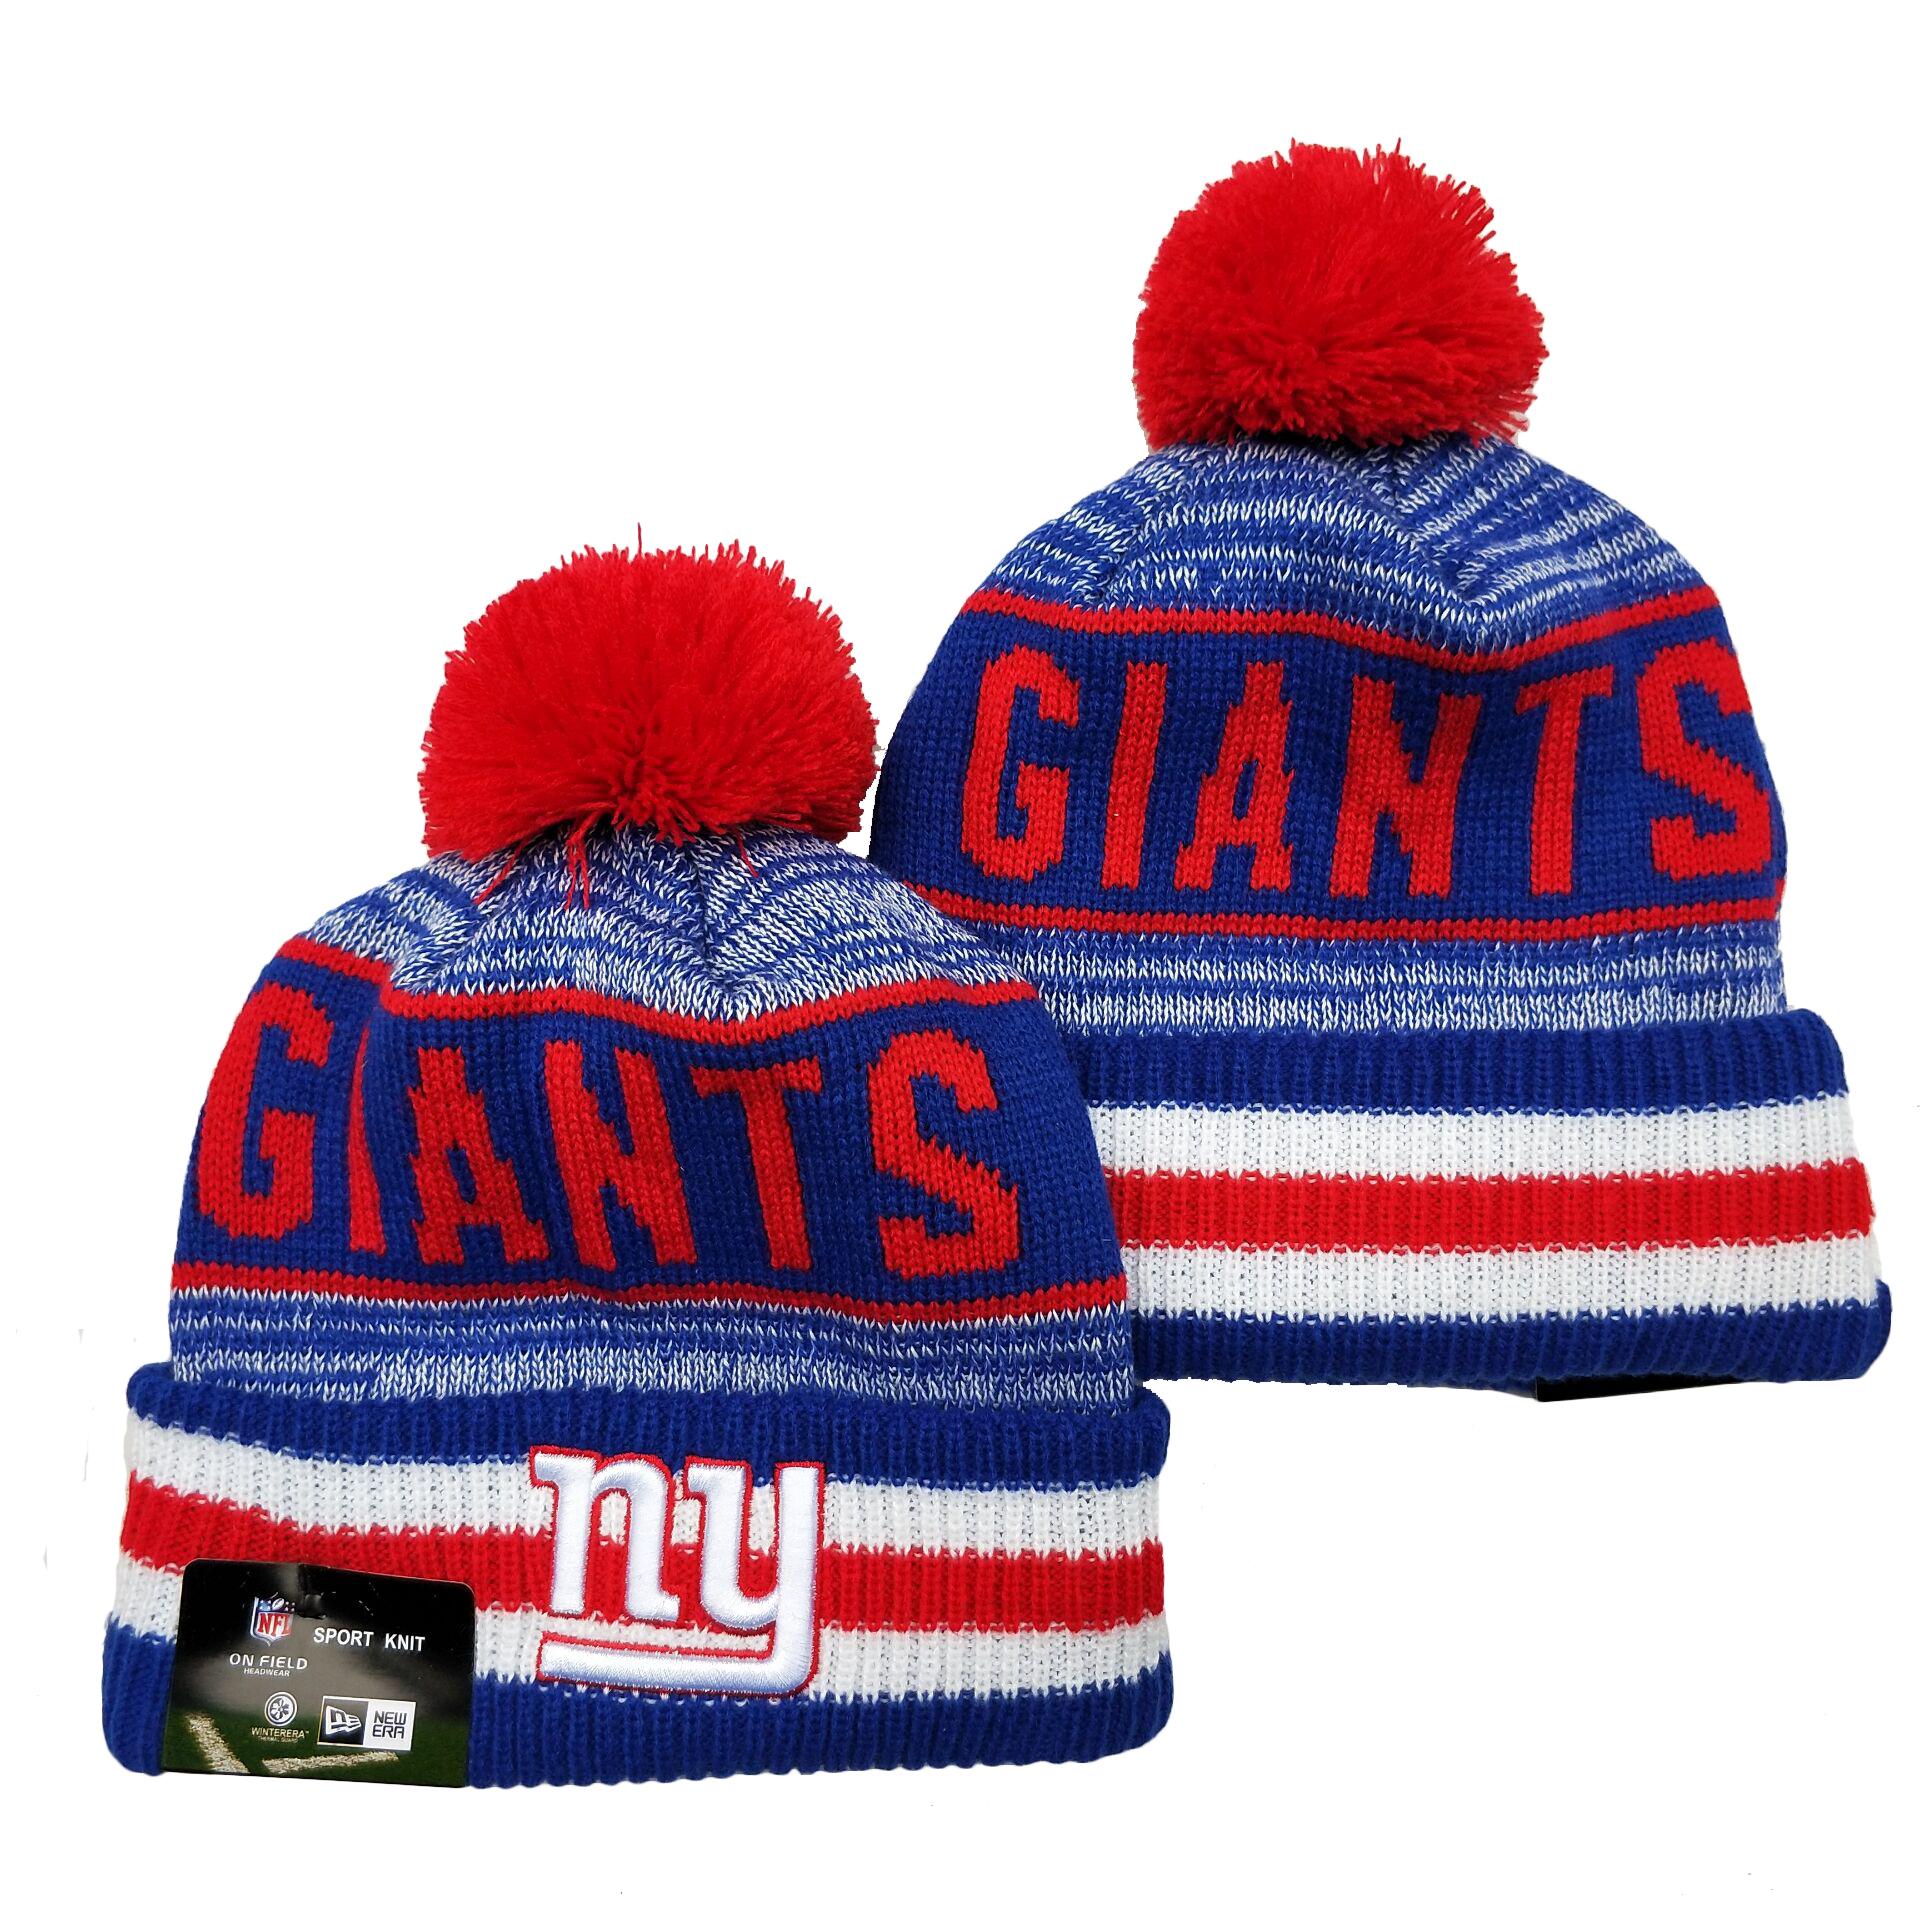 New York Giants Team Logo Royal Red Pom Cuffed Knit Hat YD